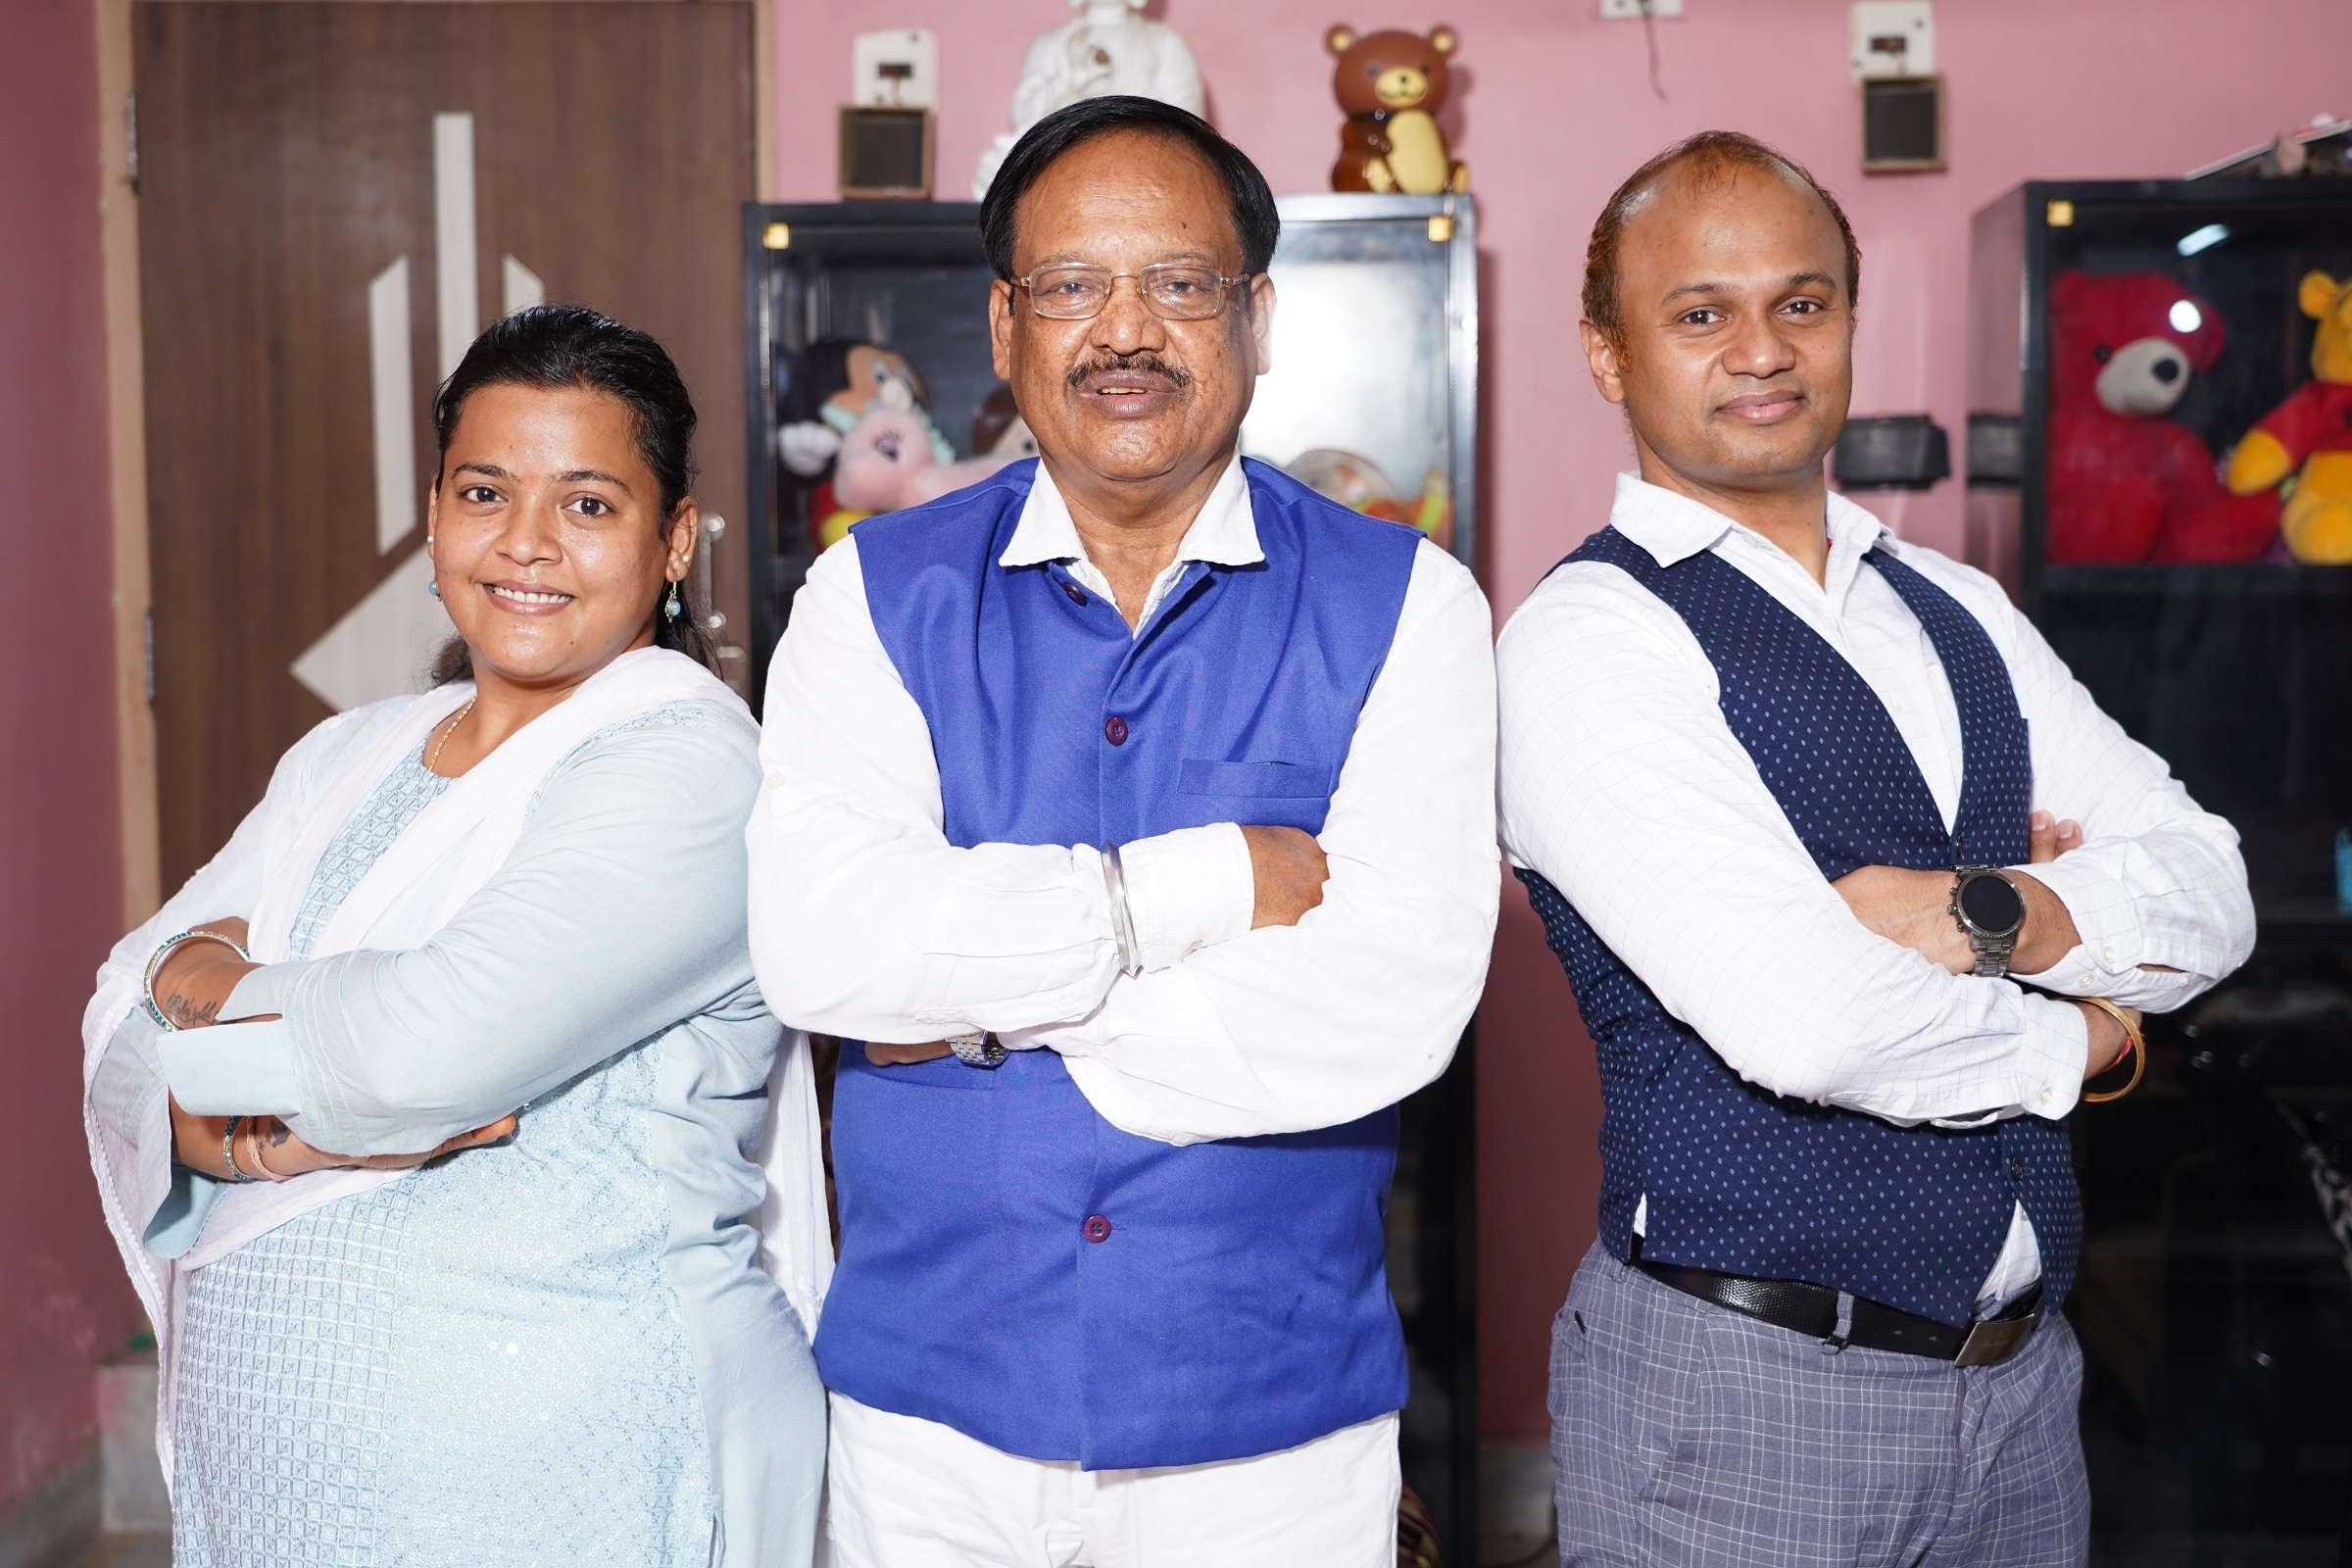 (L2R) Rashmi Sahoo, Sarat Kumar Sahoo, Arbind Sahoo